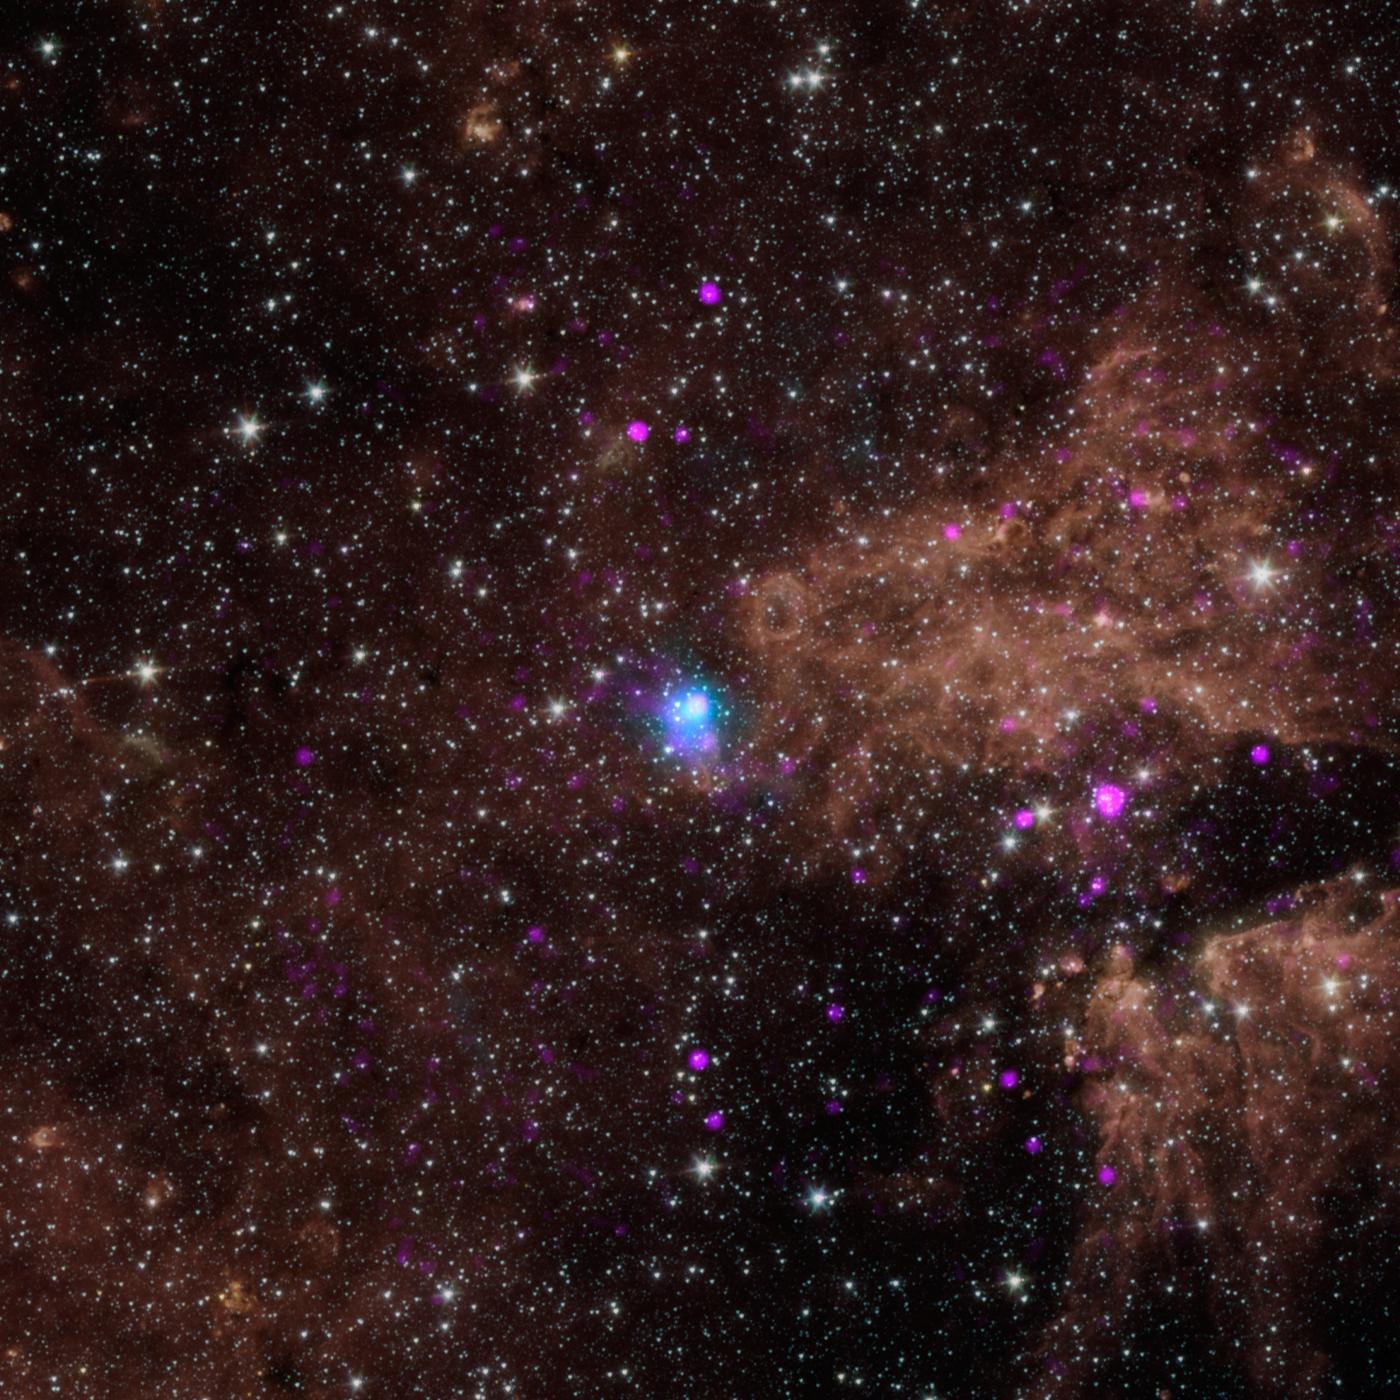 Мертвые звезды являются источниками гамма-излучения в Млечном Пути